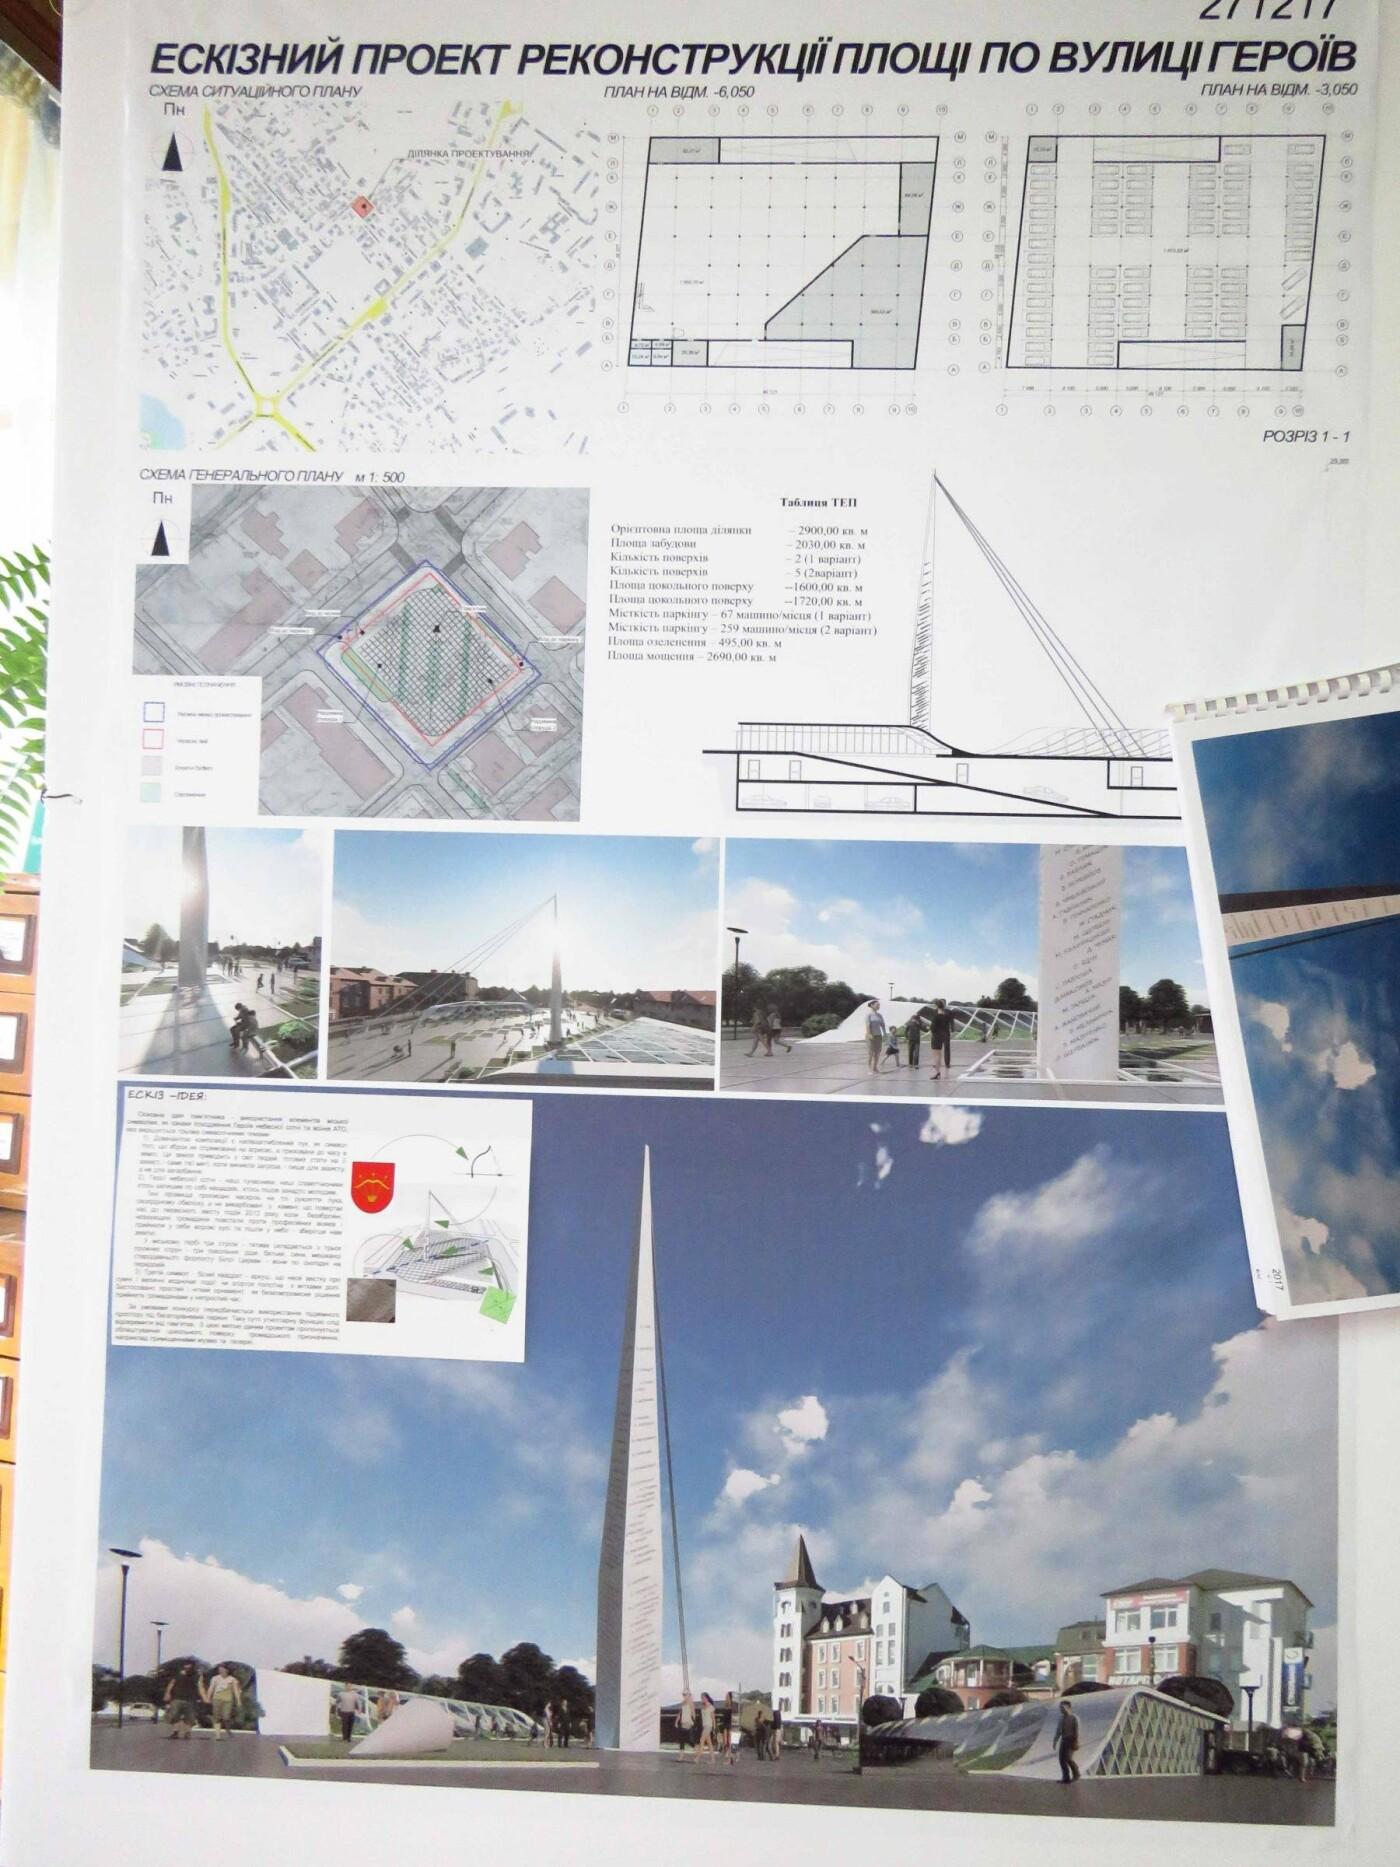 У Білій Церкві оголосили результати конкурсу проектів реконструкції площі на вул. Героїв Небесної Сотні , фото-1